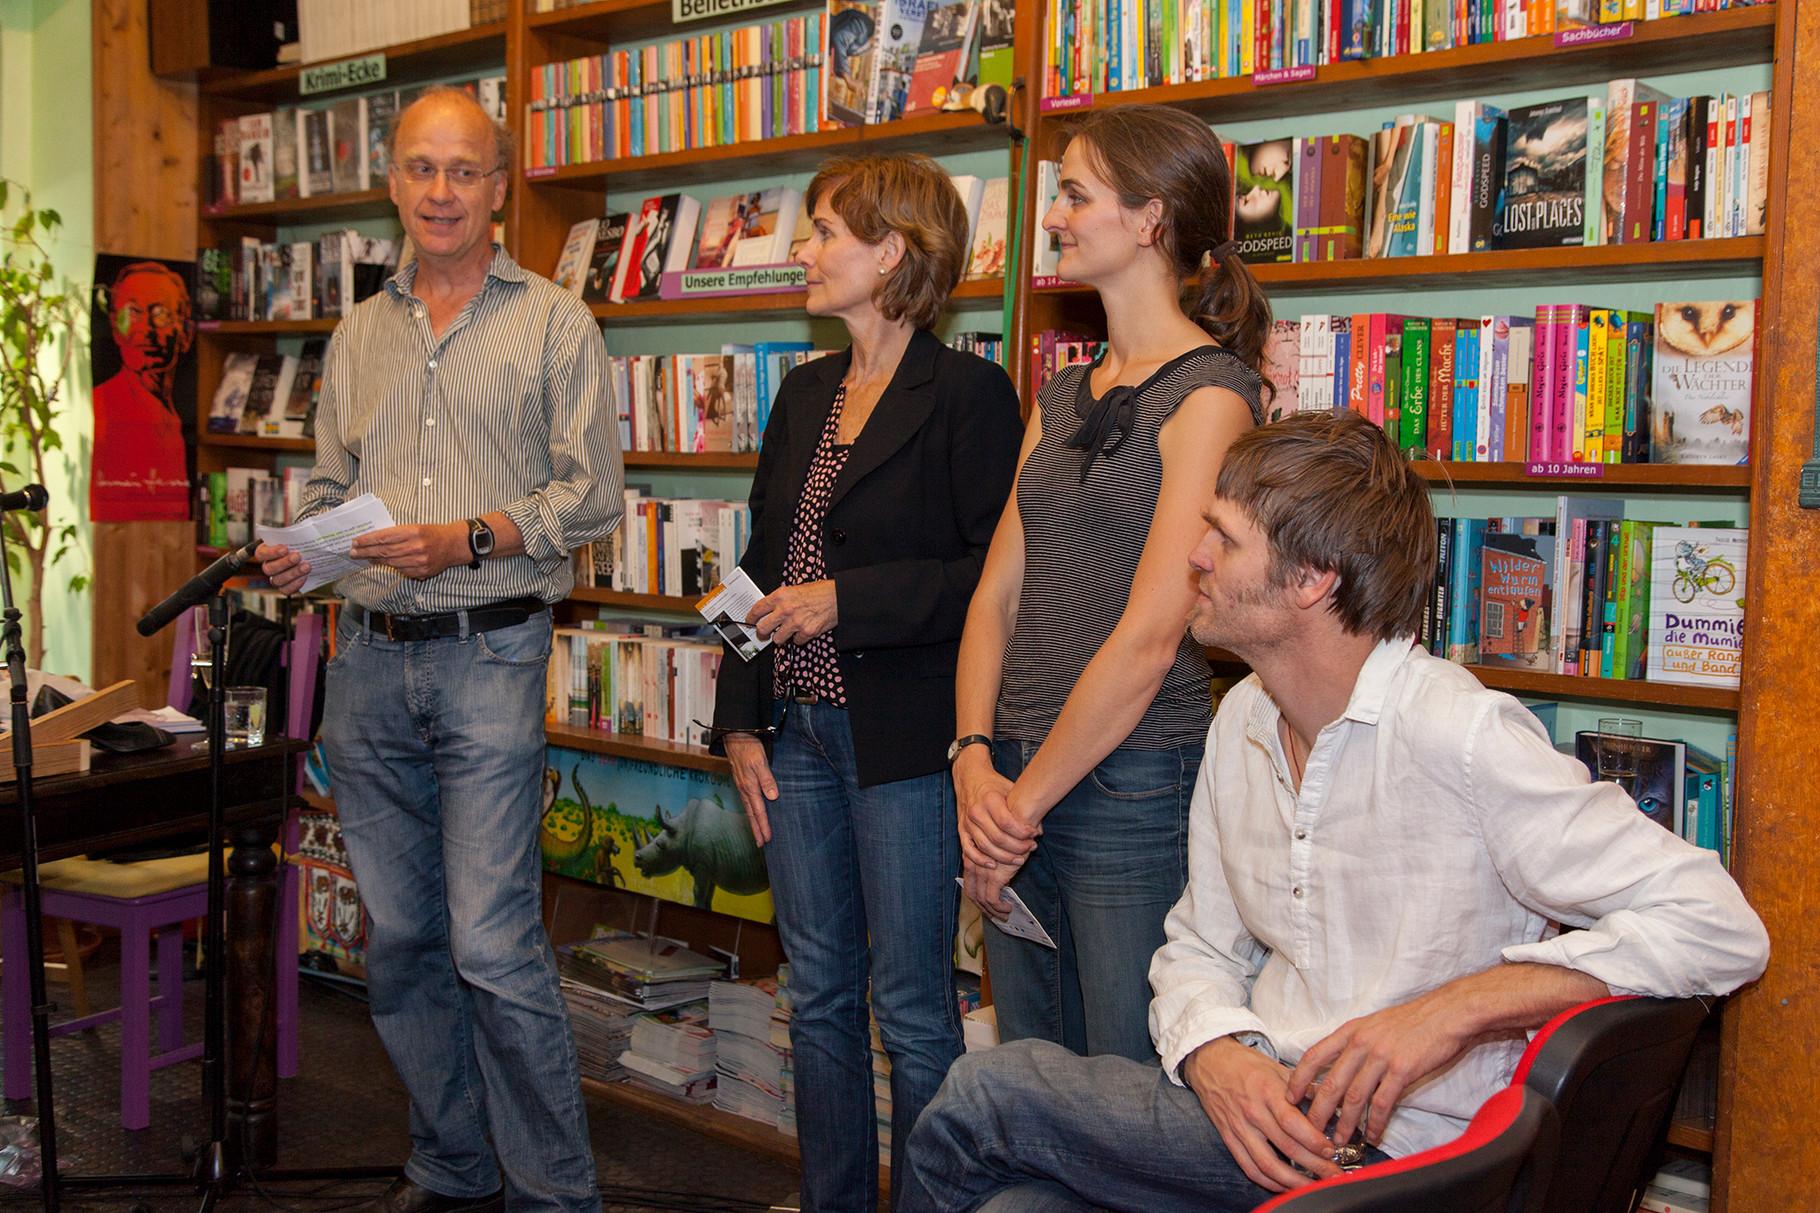 Festival-Eröffnung in der Buchhandlung am Schäfersee